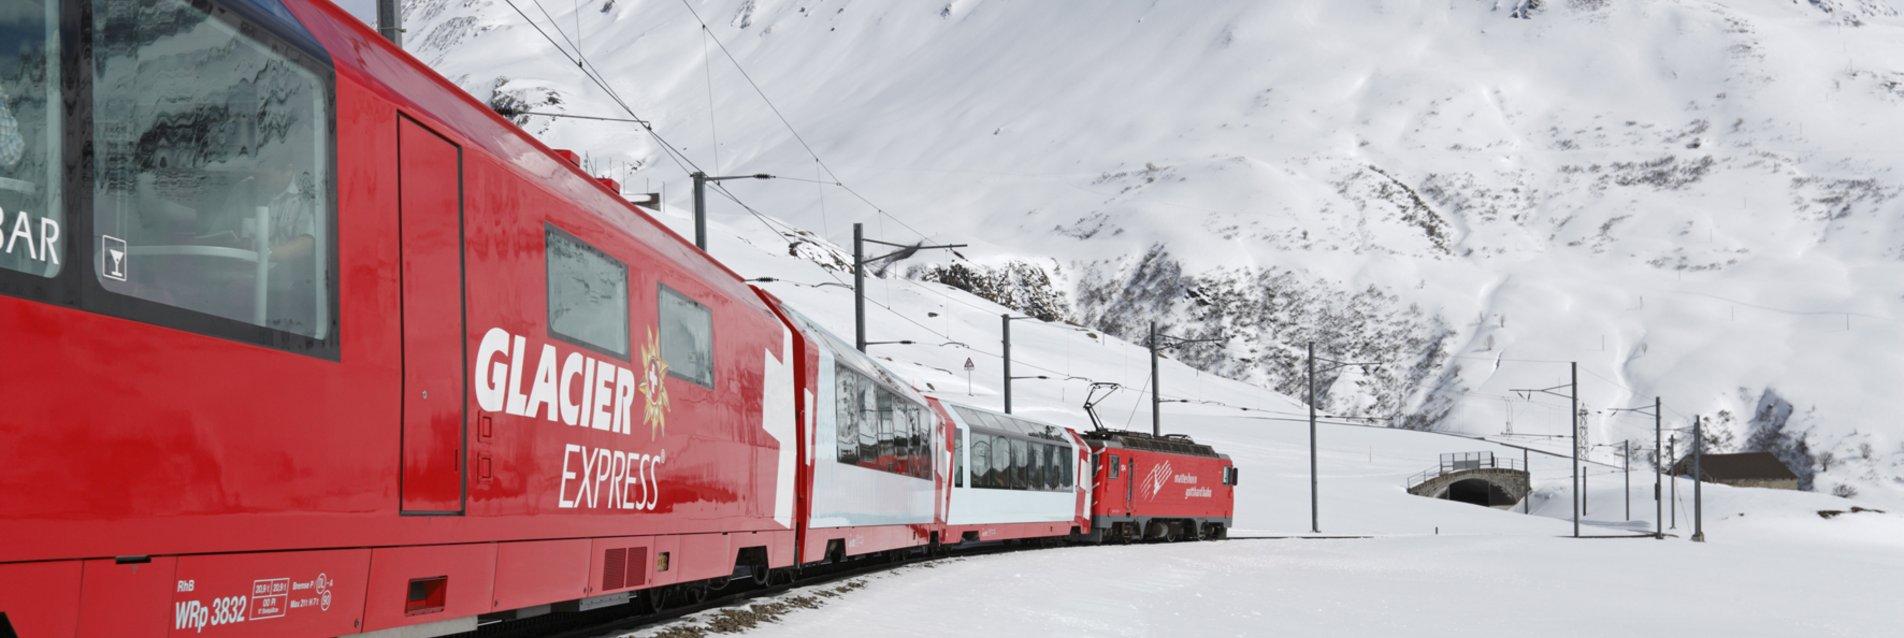 Glacier Express Naetschen Richtung Oberalp im Winter Naetschen/Uri/Schweiz